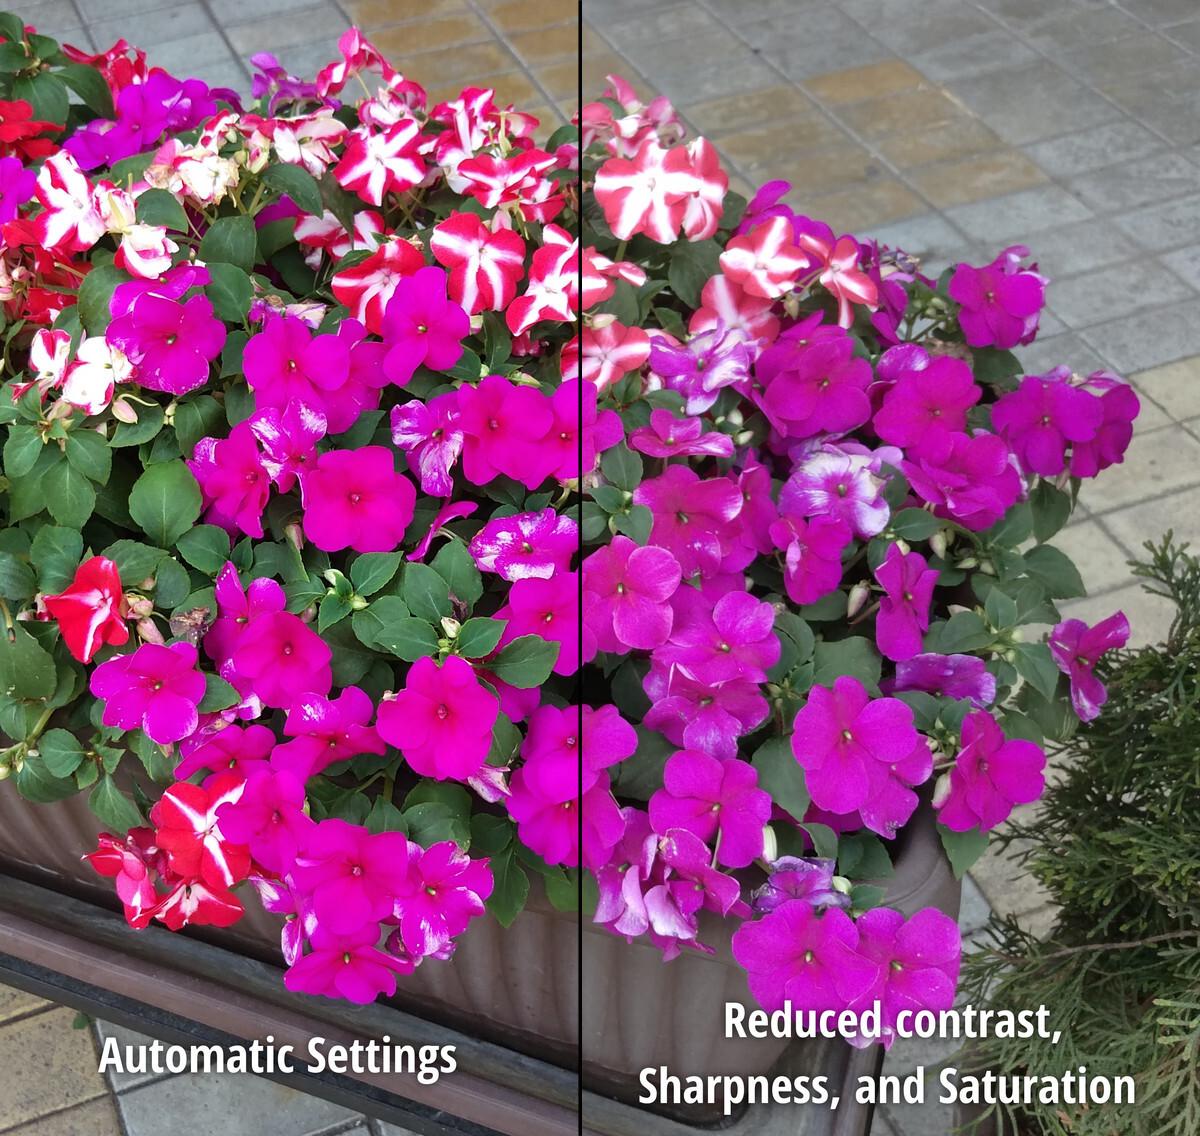 Regolazione delle impostazioni di immagine: saturazione, nitidezza, contrasto